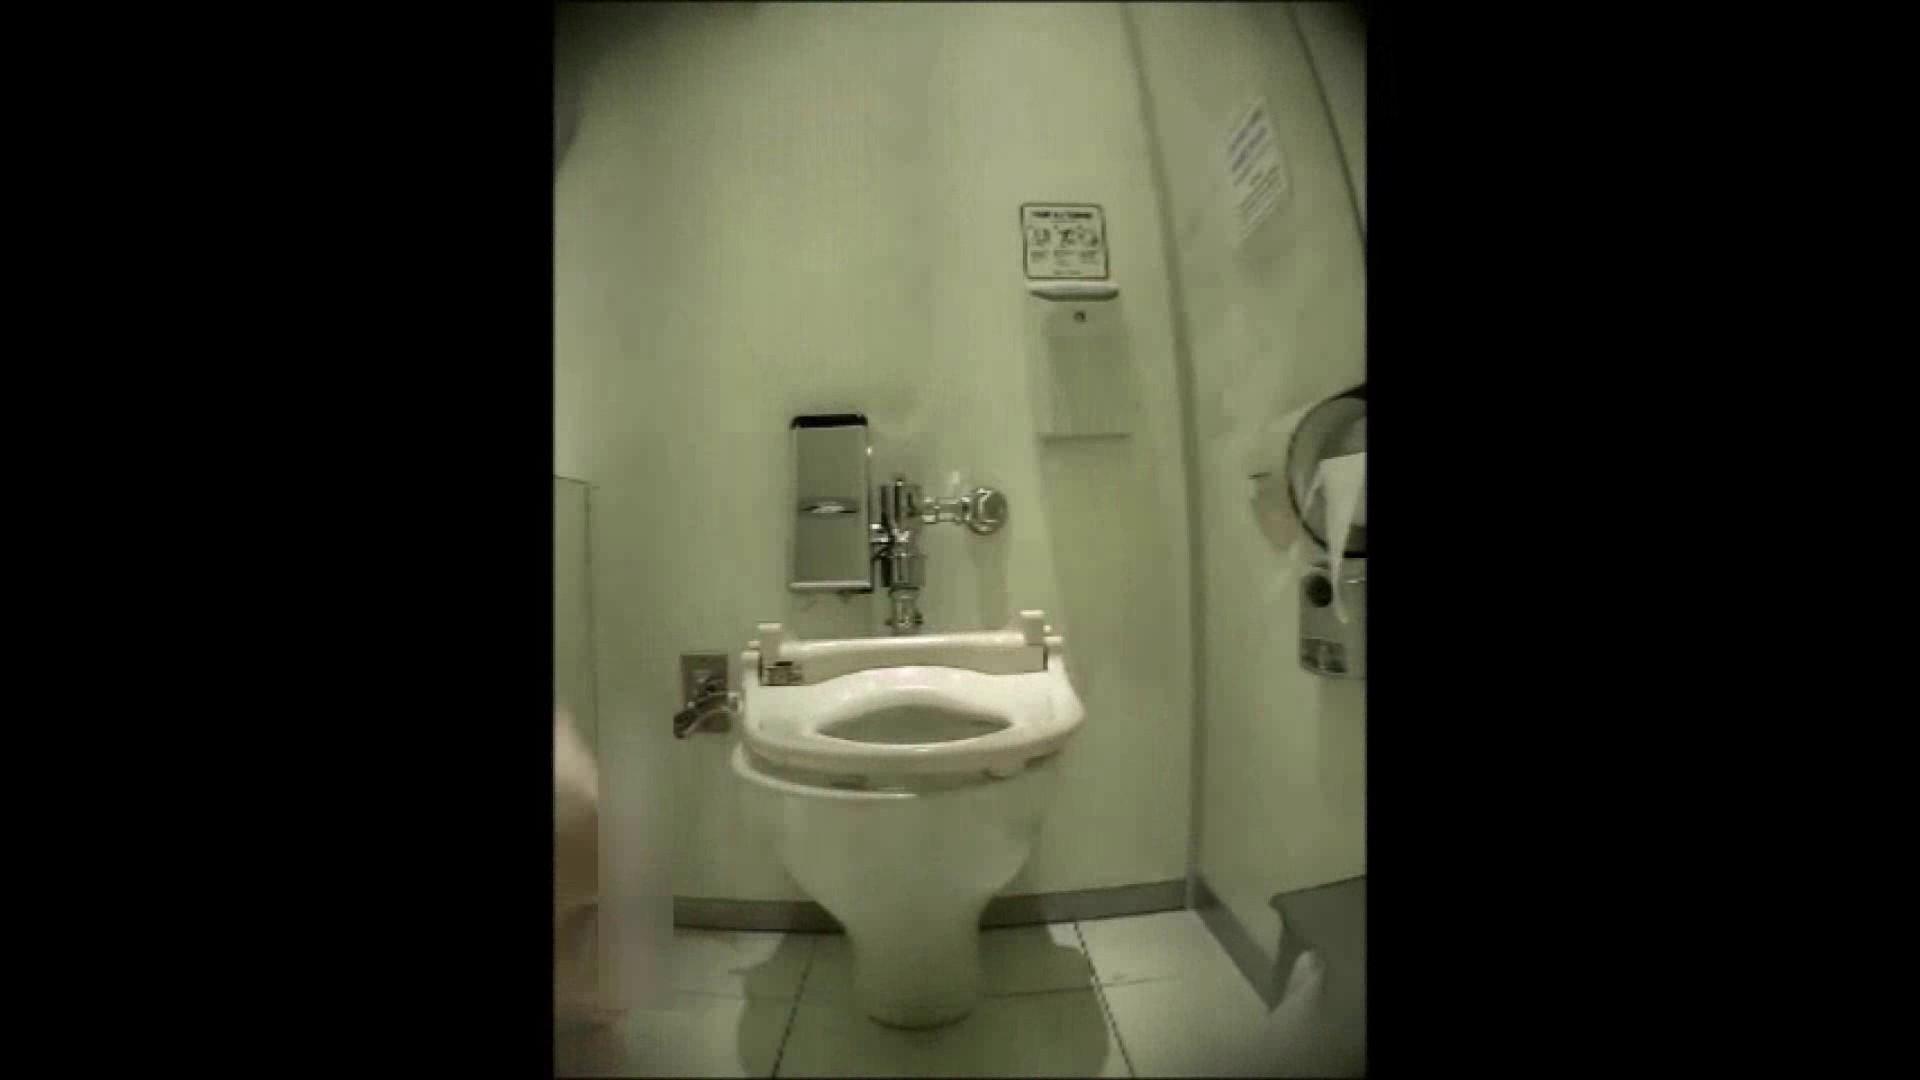 洗面所盗撮~隣の美人お姉さんVol.16 お漏らし 隠し撮りすけべAV動画紹介 95画像 80